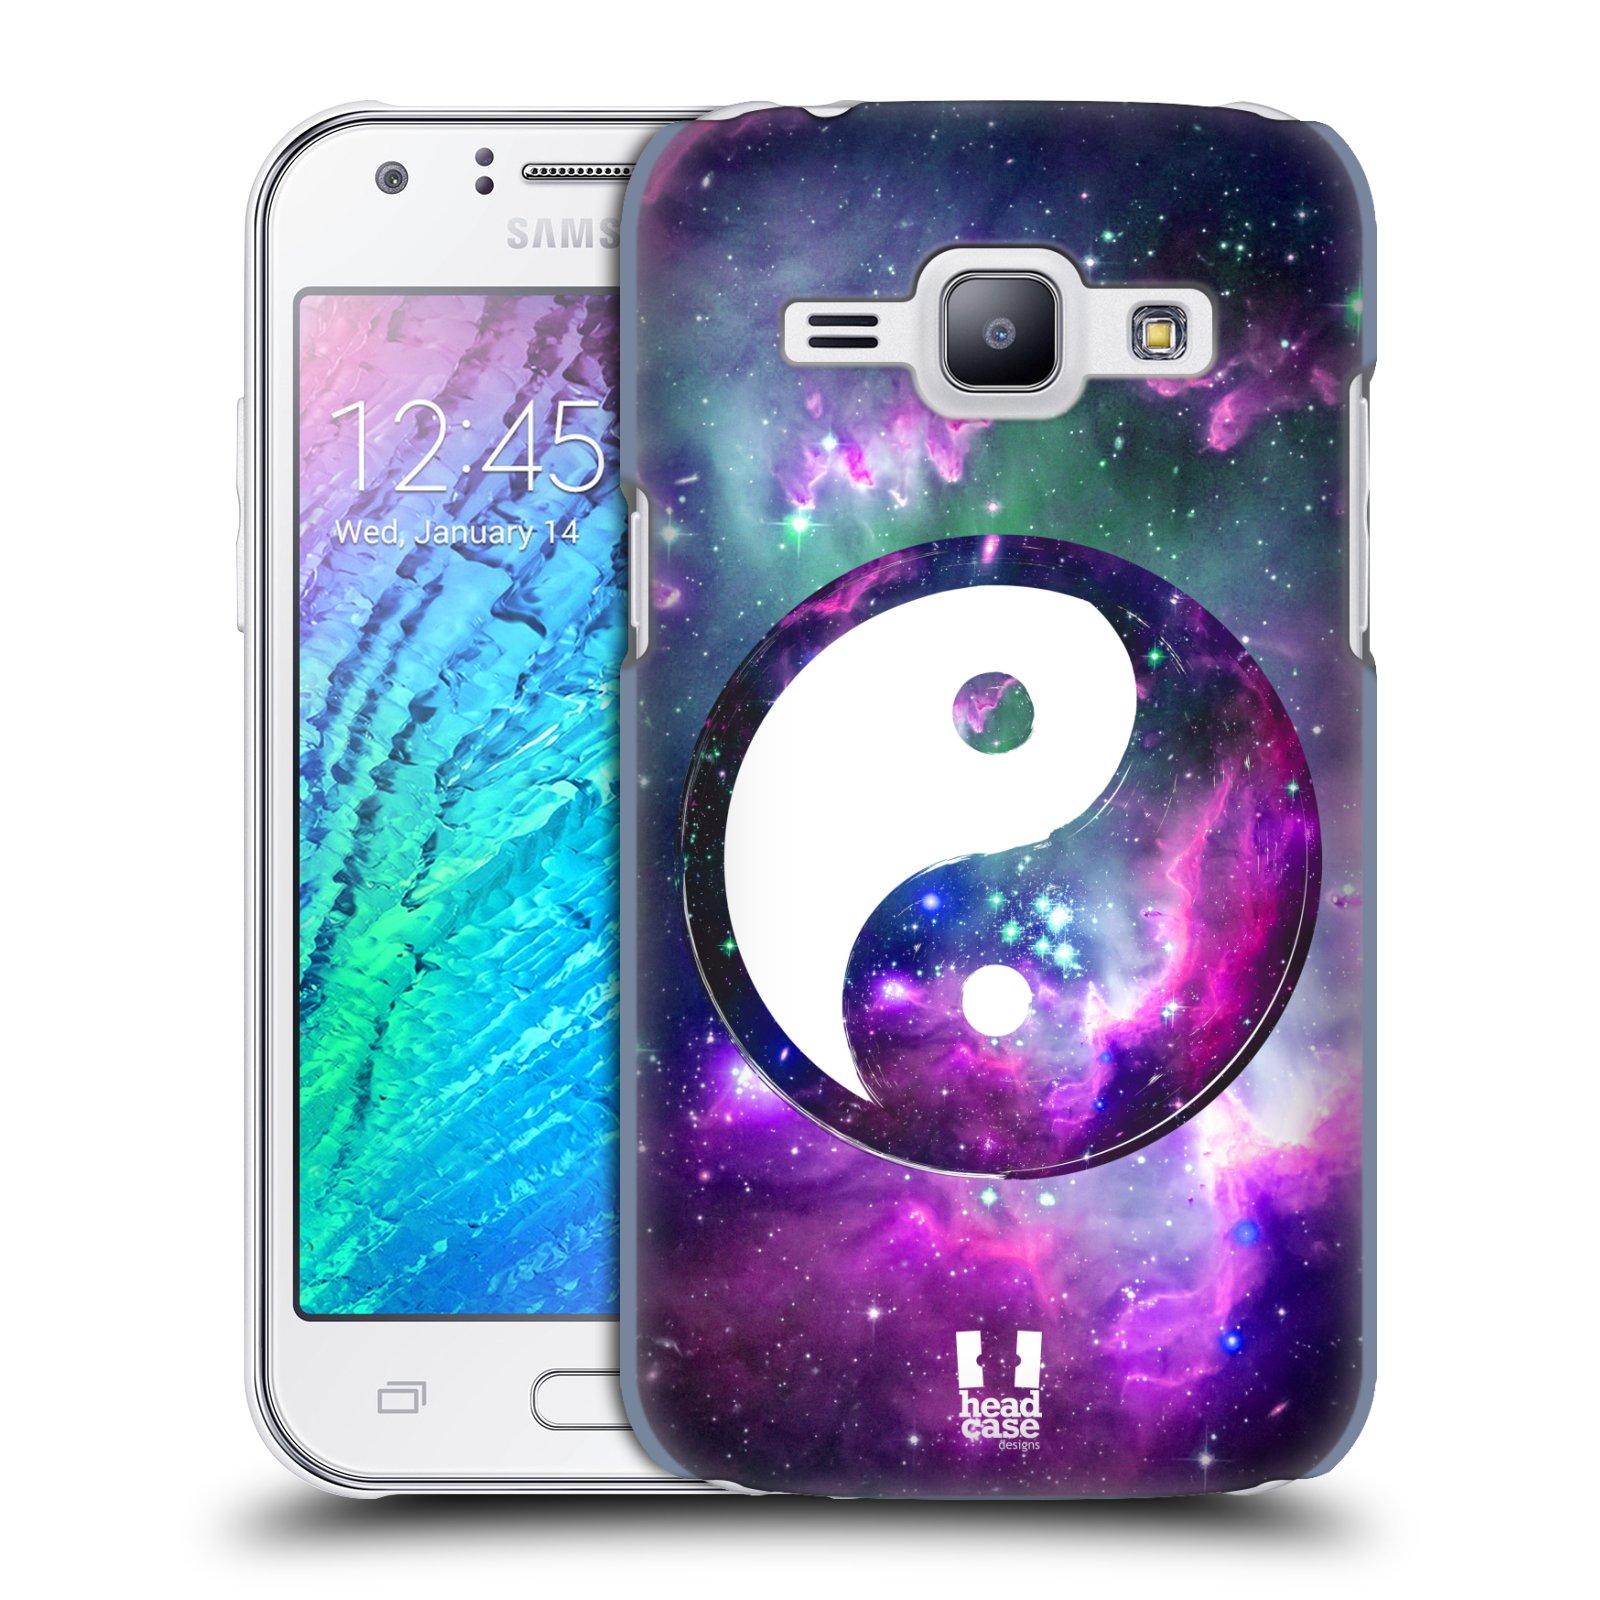 Plastové pouzdro na mobil Samsung Galaxy J1 HEAD CASE Yin a Yang PURPLE (Kryt či obal na mobilní telefon Samsung Galaxy J1 a J1 Duos )